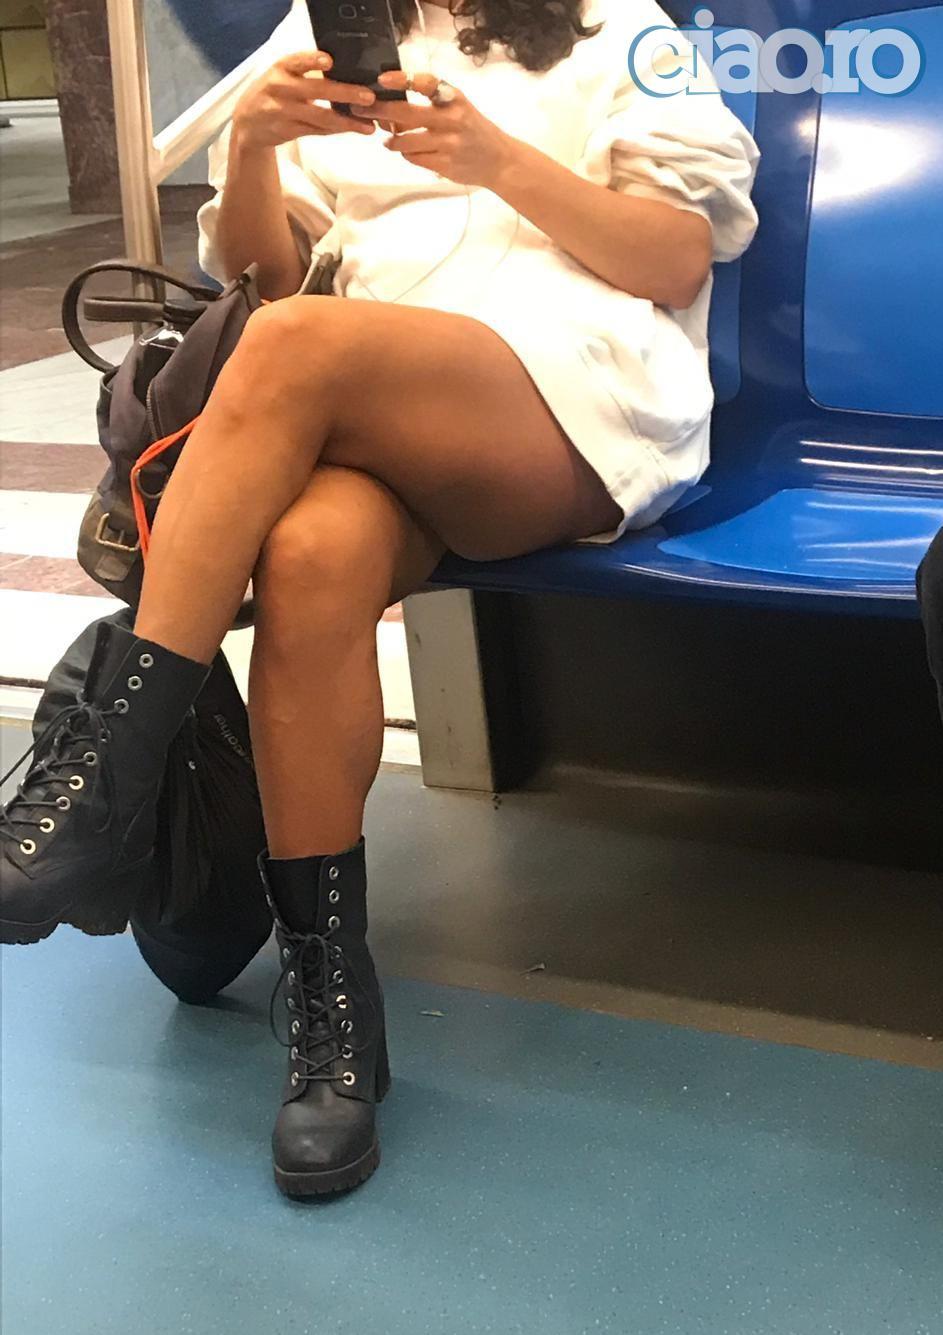 Fosta sotie a lui Madalin Ionescu, porno la metrou!